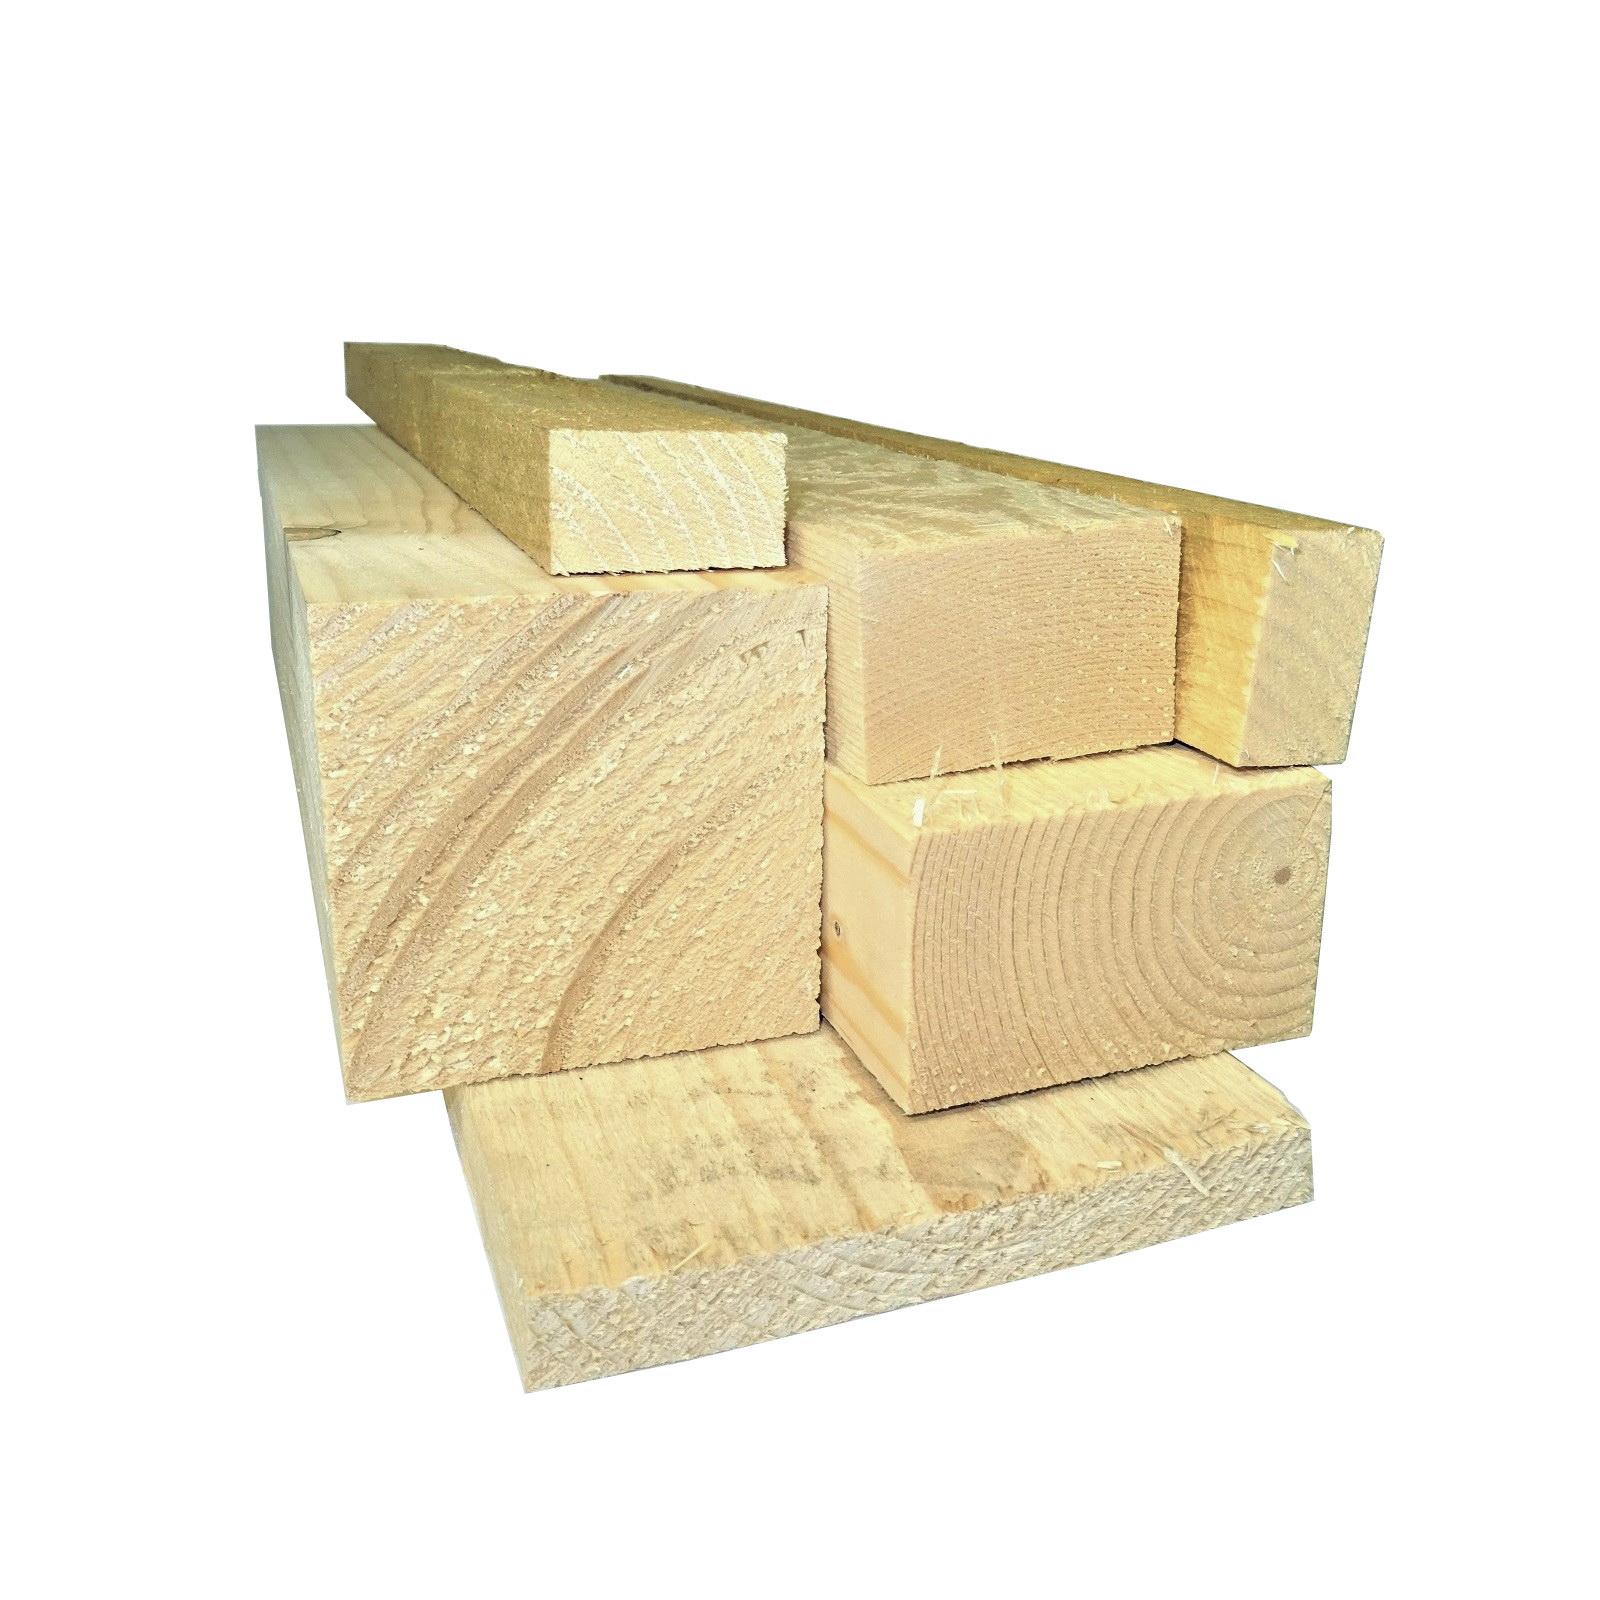 6 Stück Balken saegerau 40x60mm 2,00m Holz Kantholz Holzbalken Bauholz